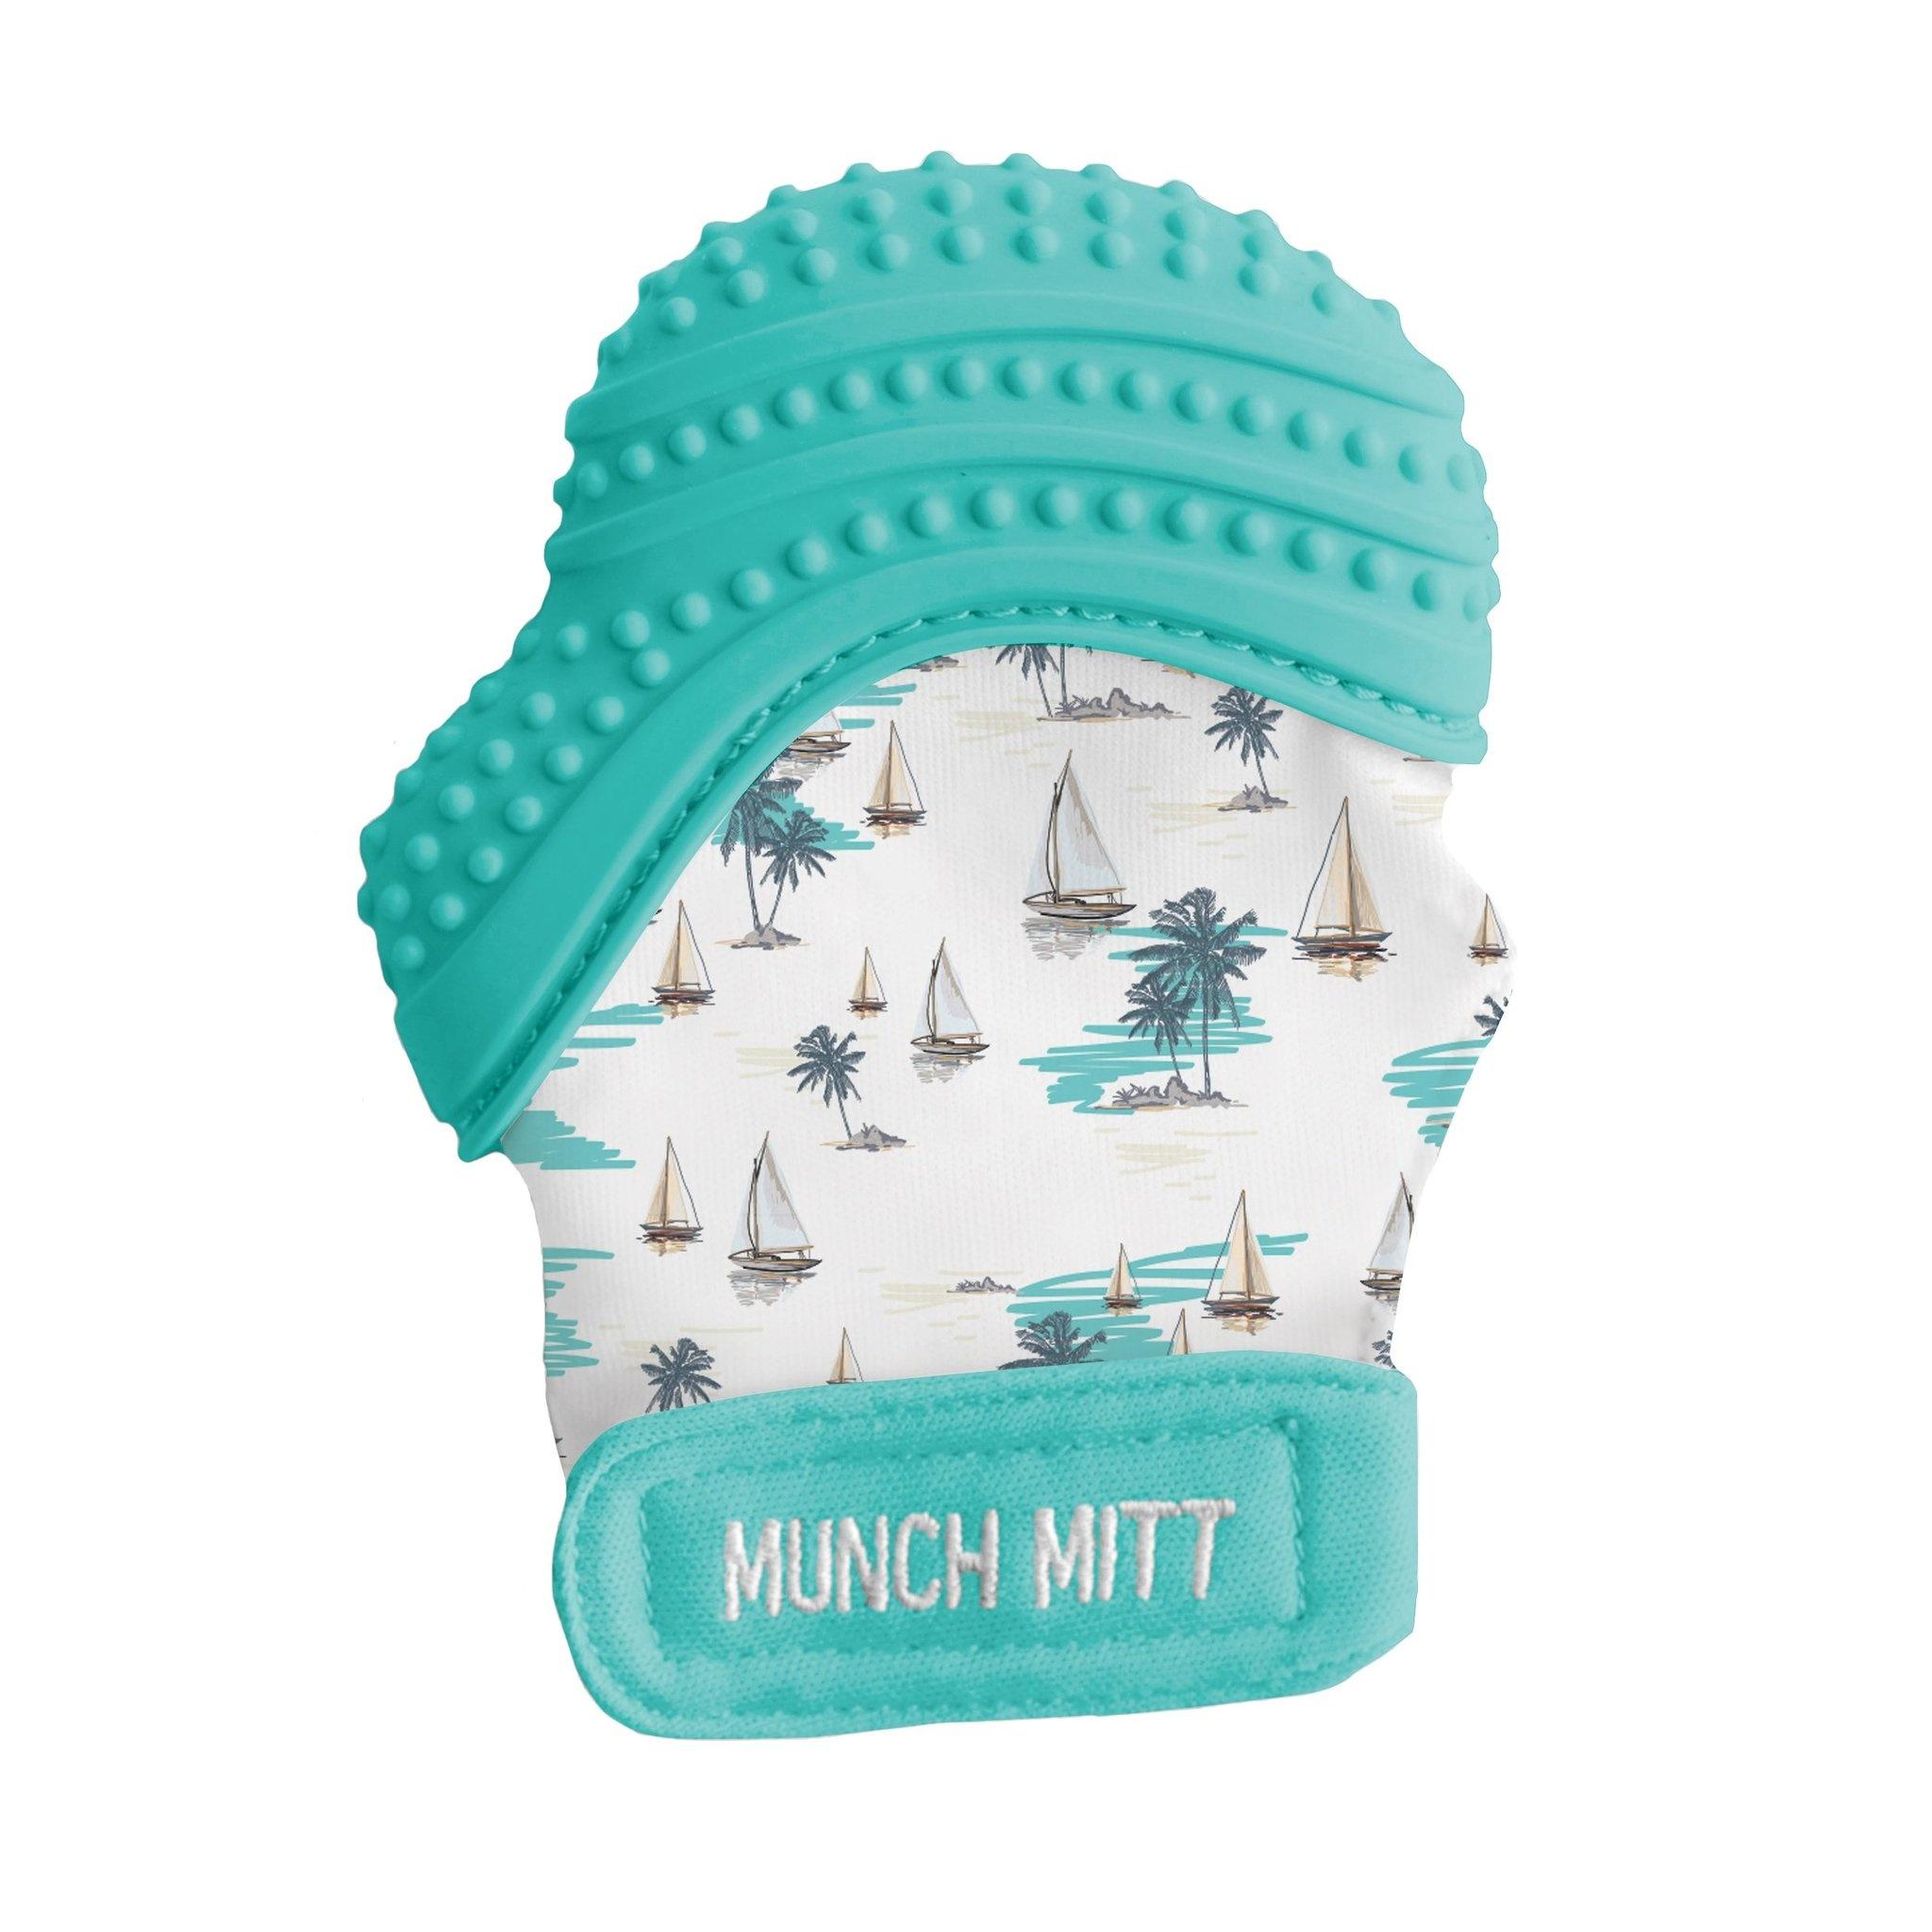 Munch Mitt Munch Mitt - Sail Away